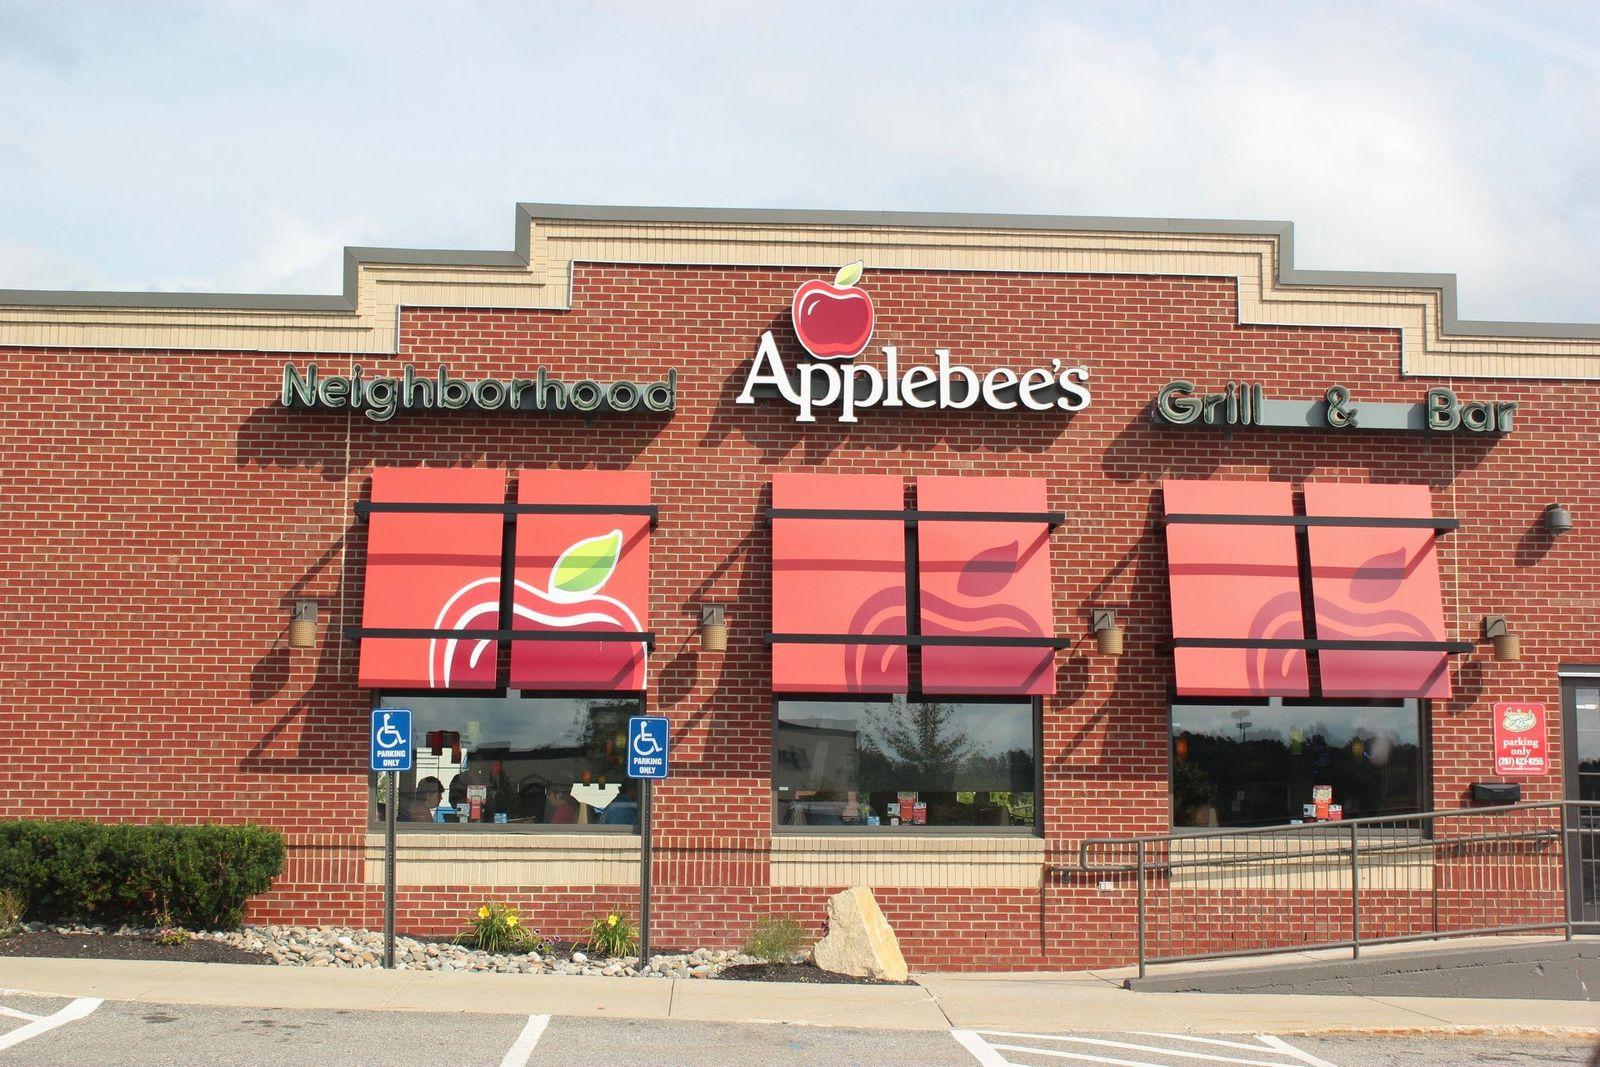 Mediodía, hambre y un Applebee's, señales que no se pueden ignorar